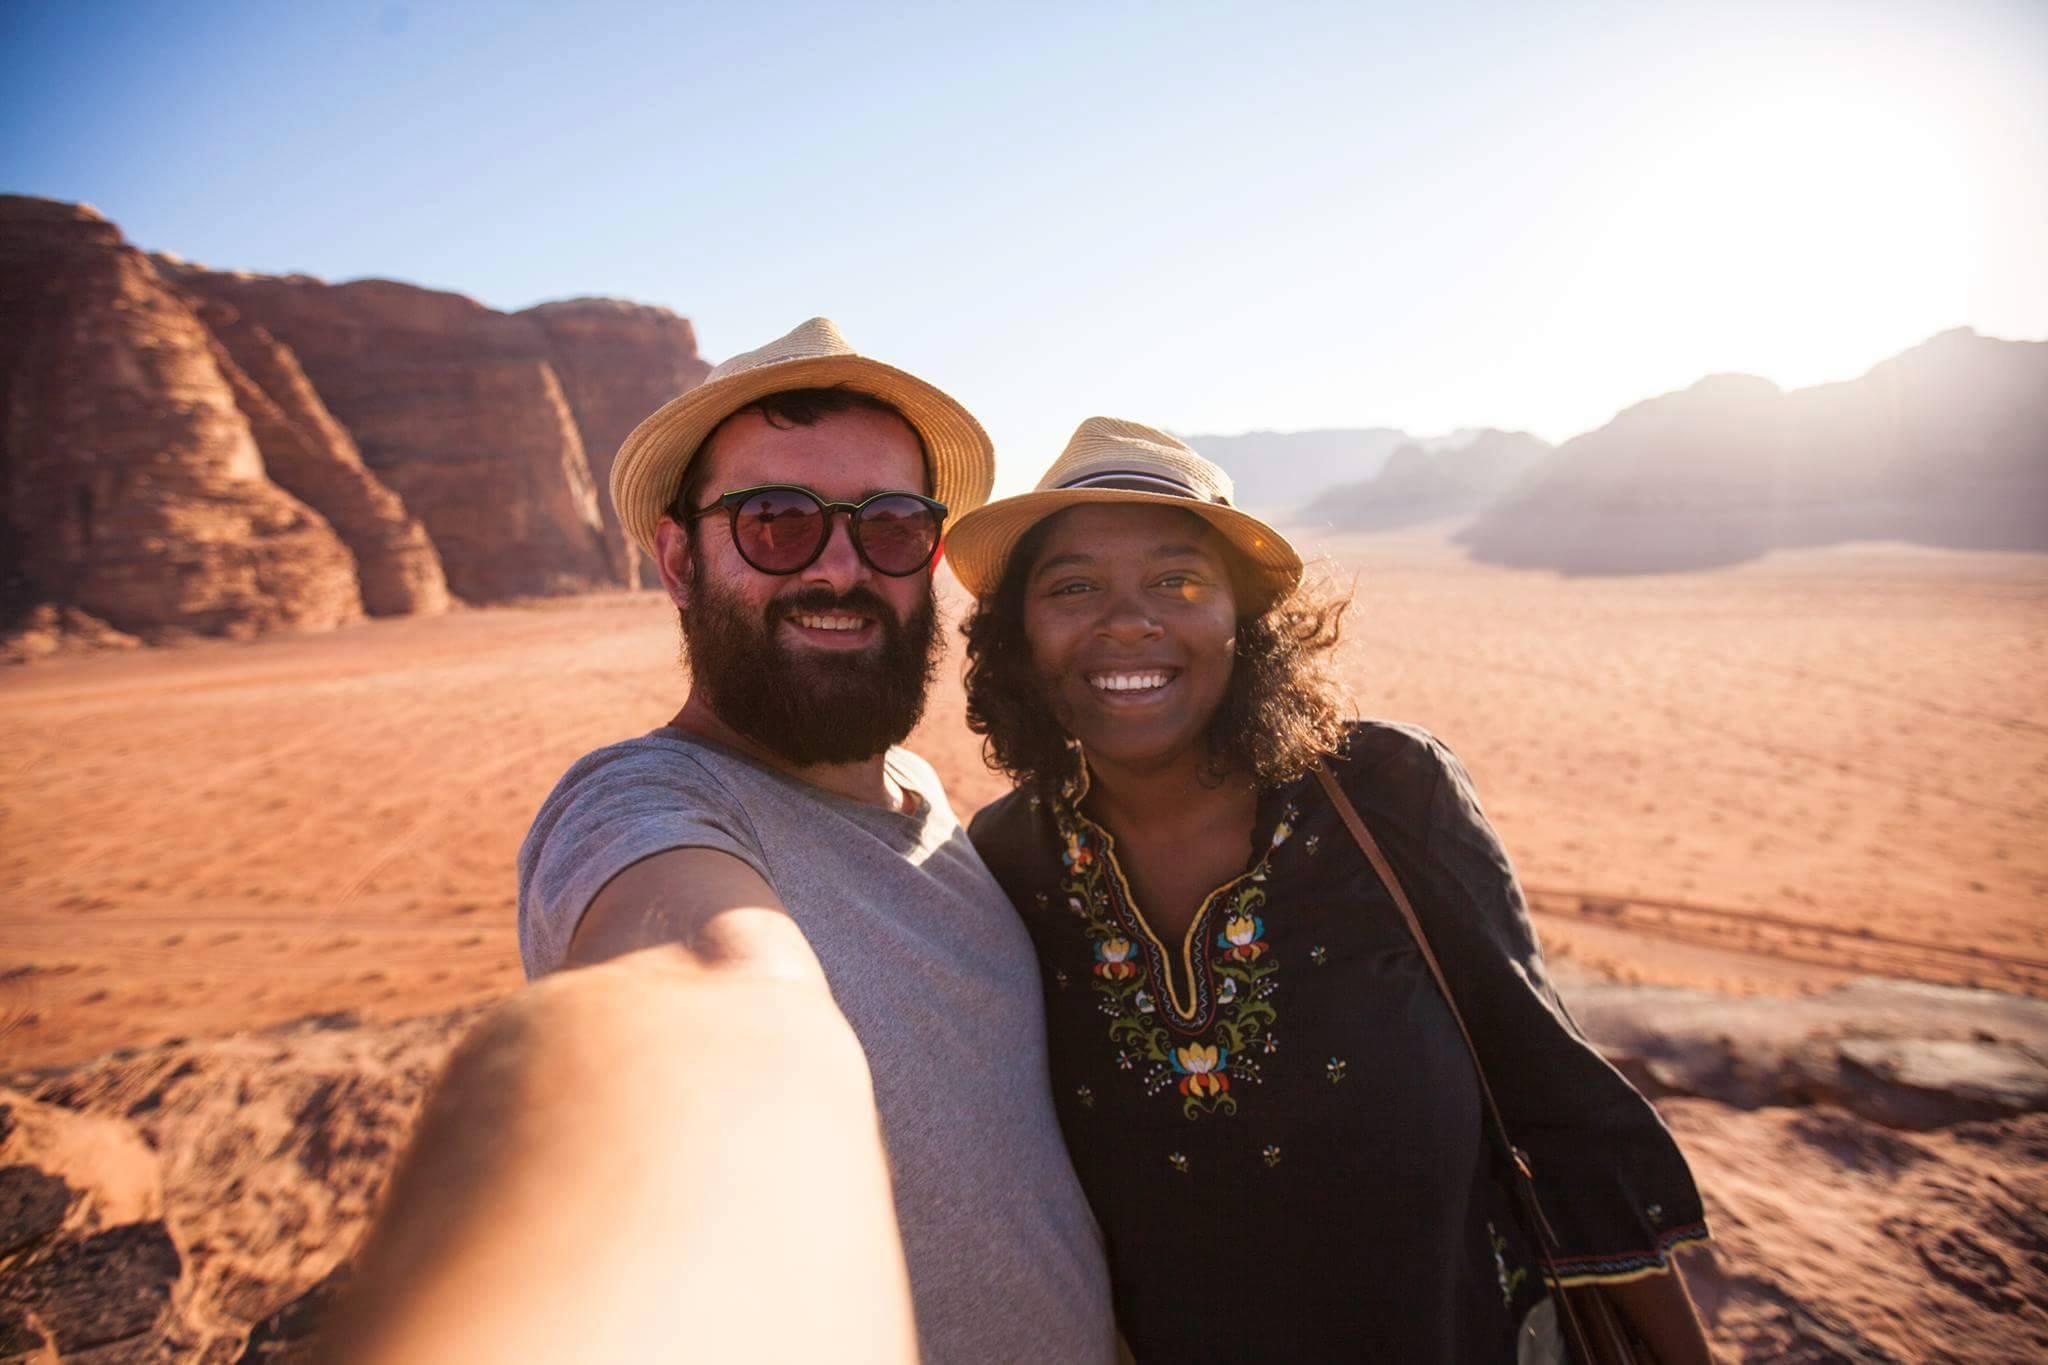 clo et clem jordanie désert